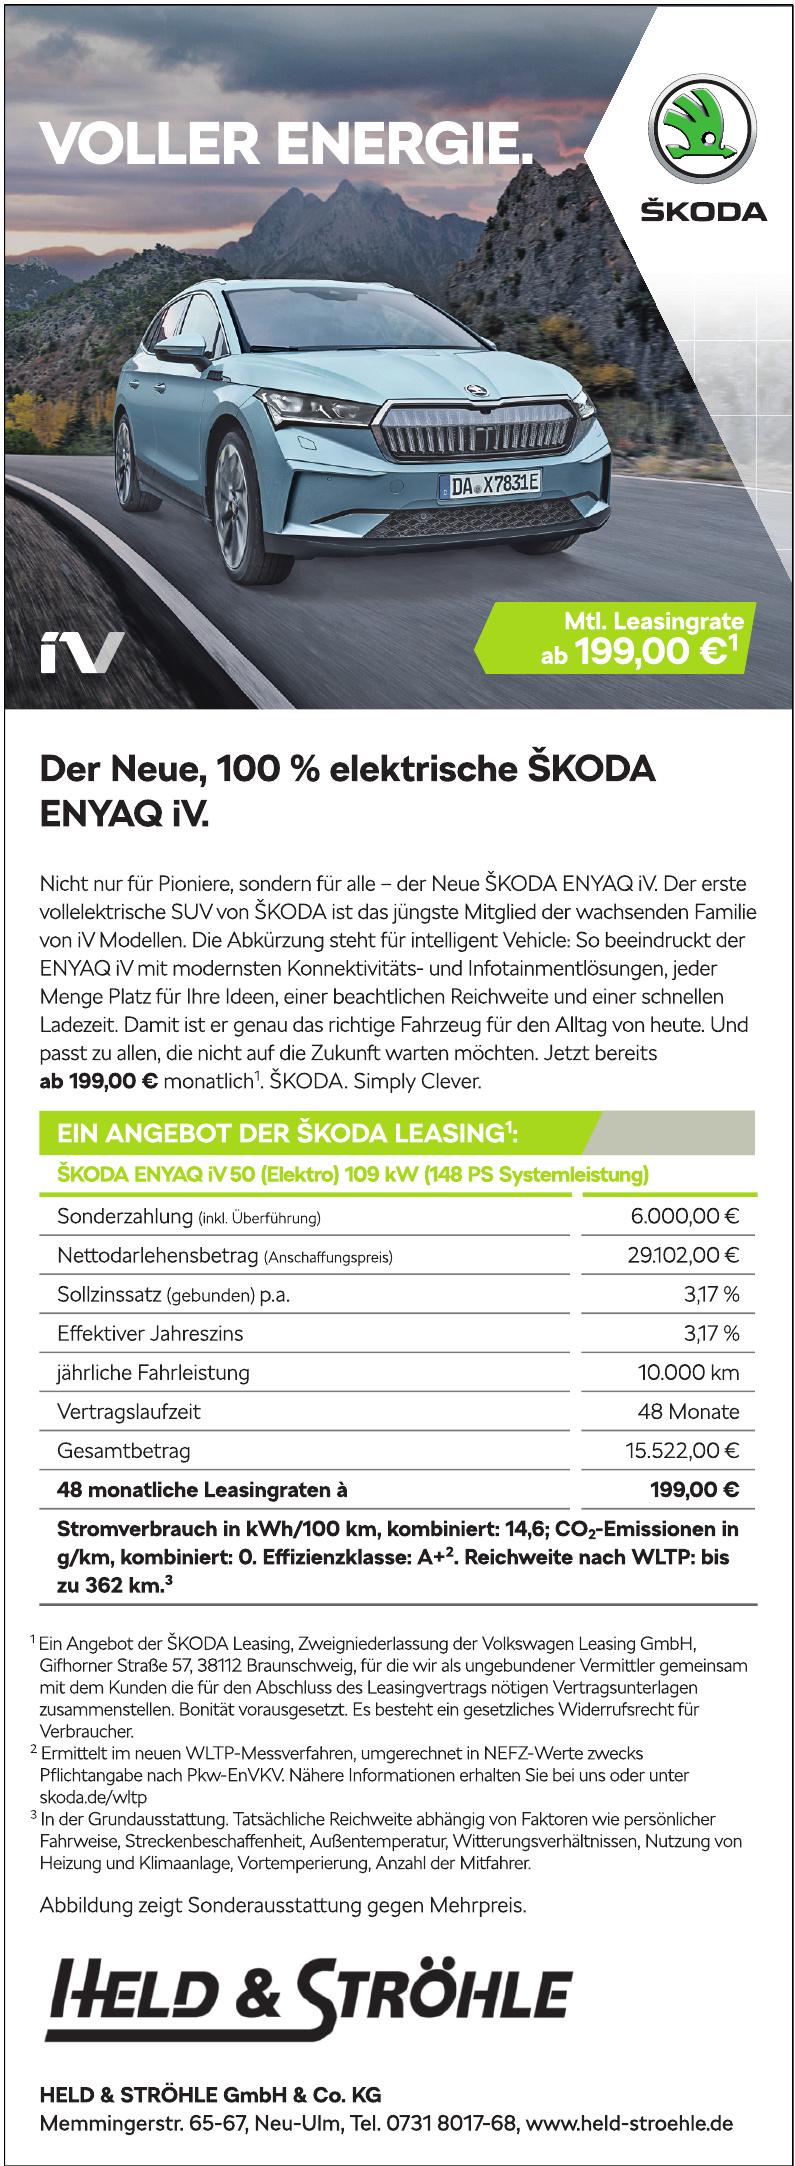 Autohaus Held & Ströhle GmbH & Co. KG